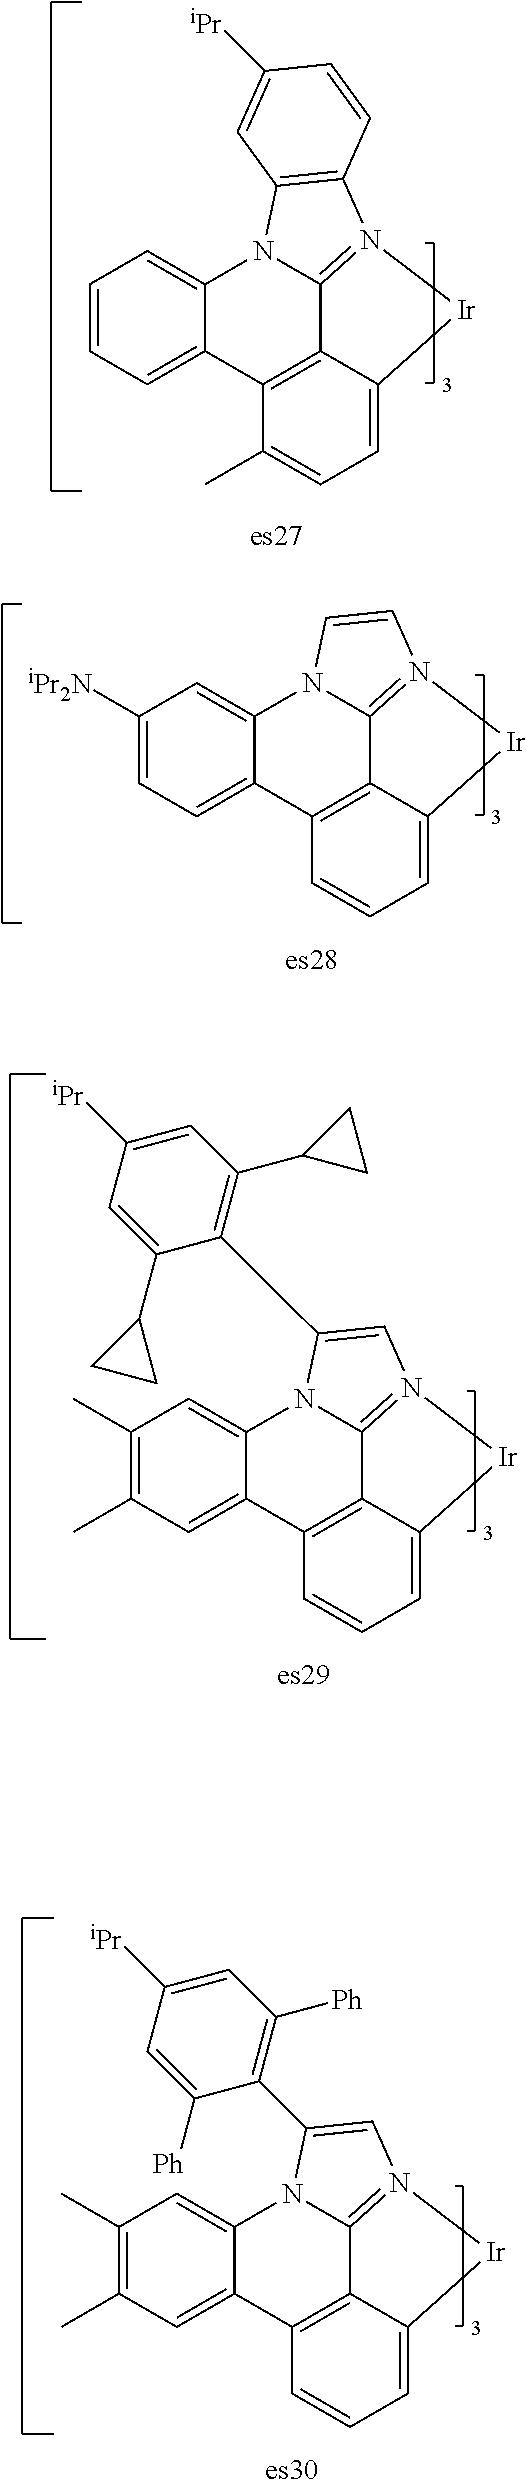 Figure US07915415-20110329-C00191